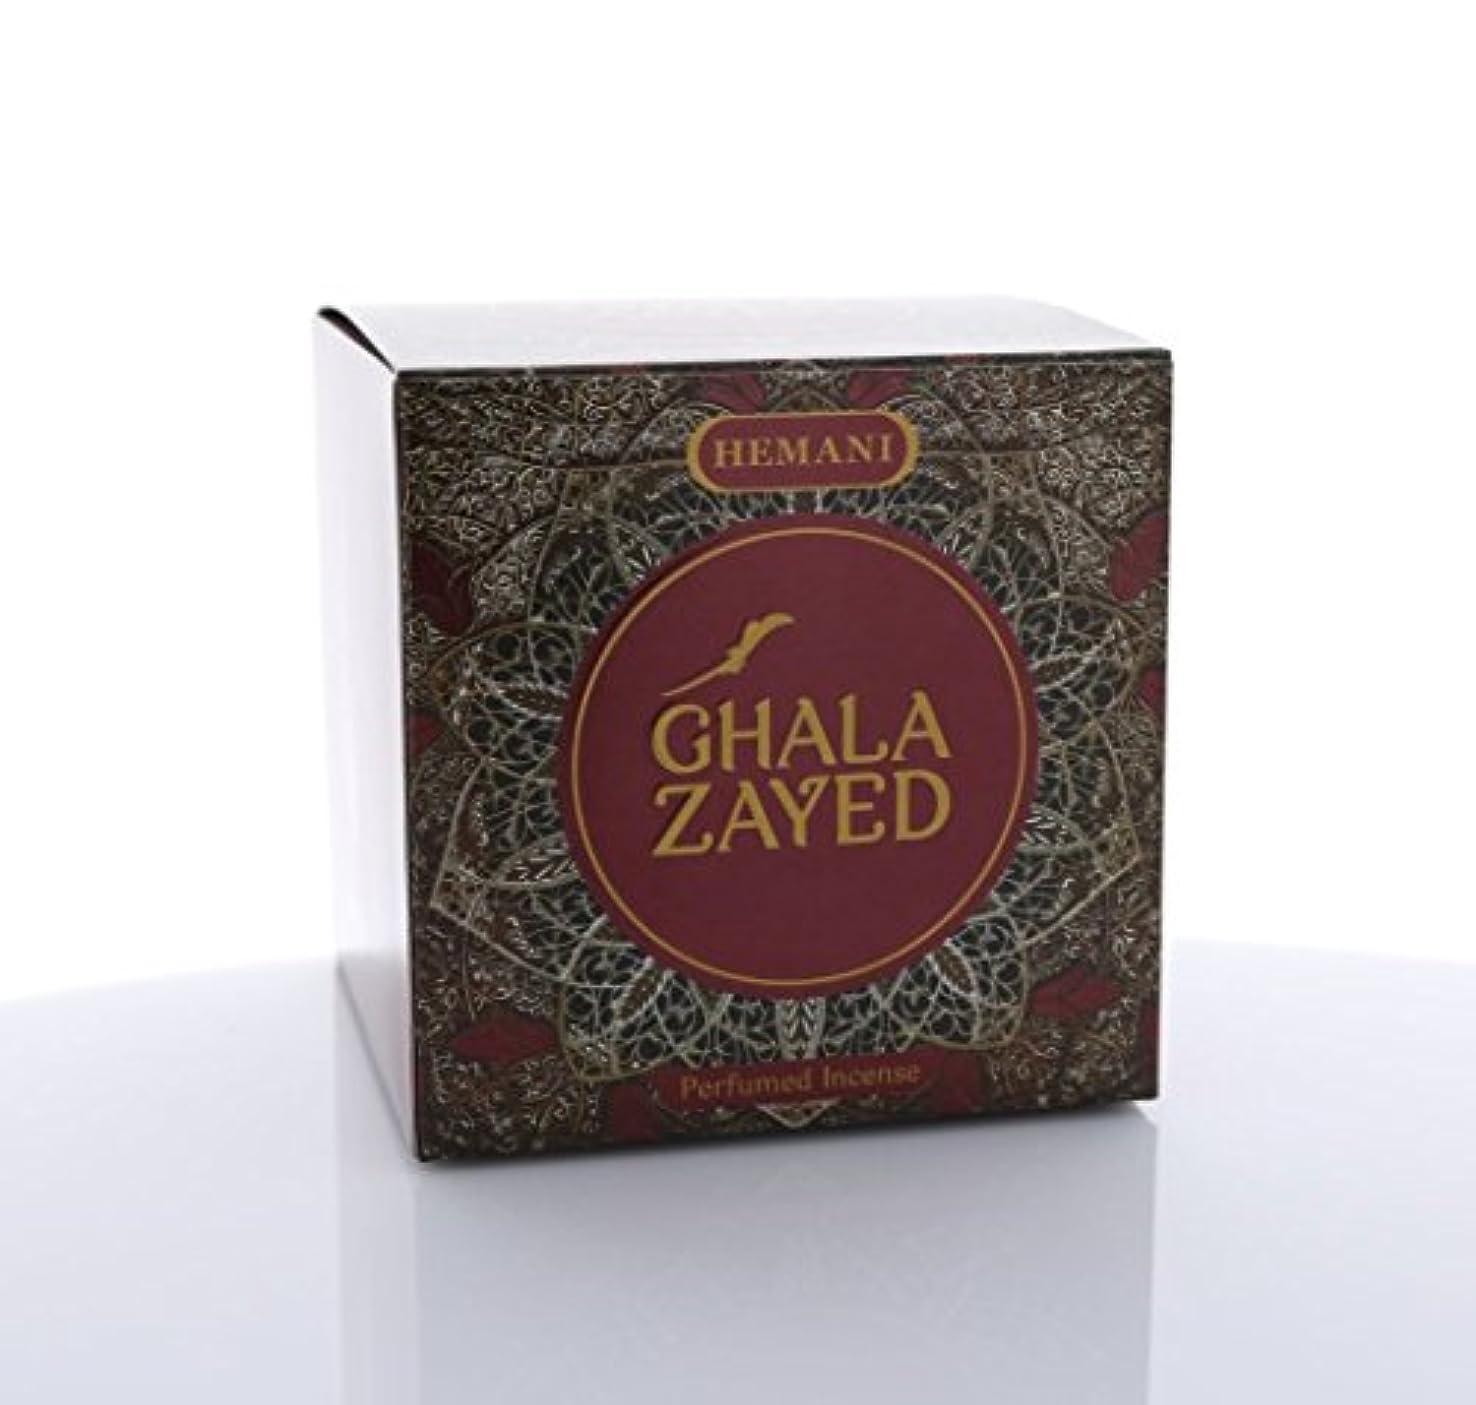 アジア人貧困アナログHemani Bakhoor Ghala Zayed ( Perfumed Incense ) 90 Gus Seller F / S